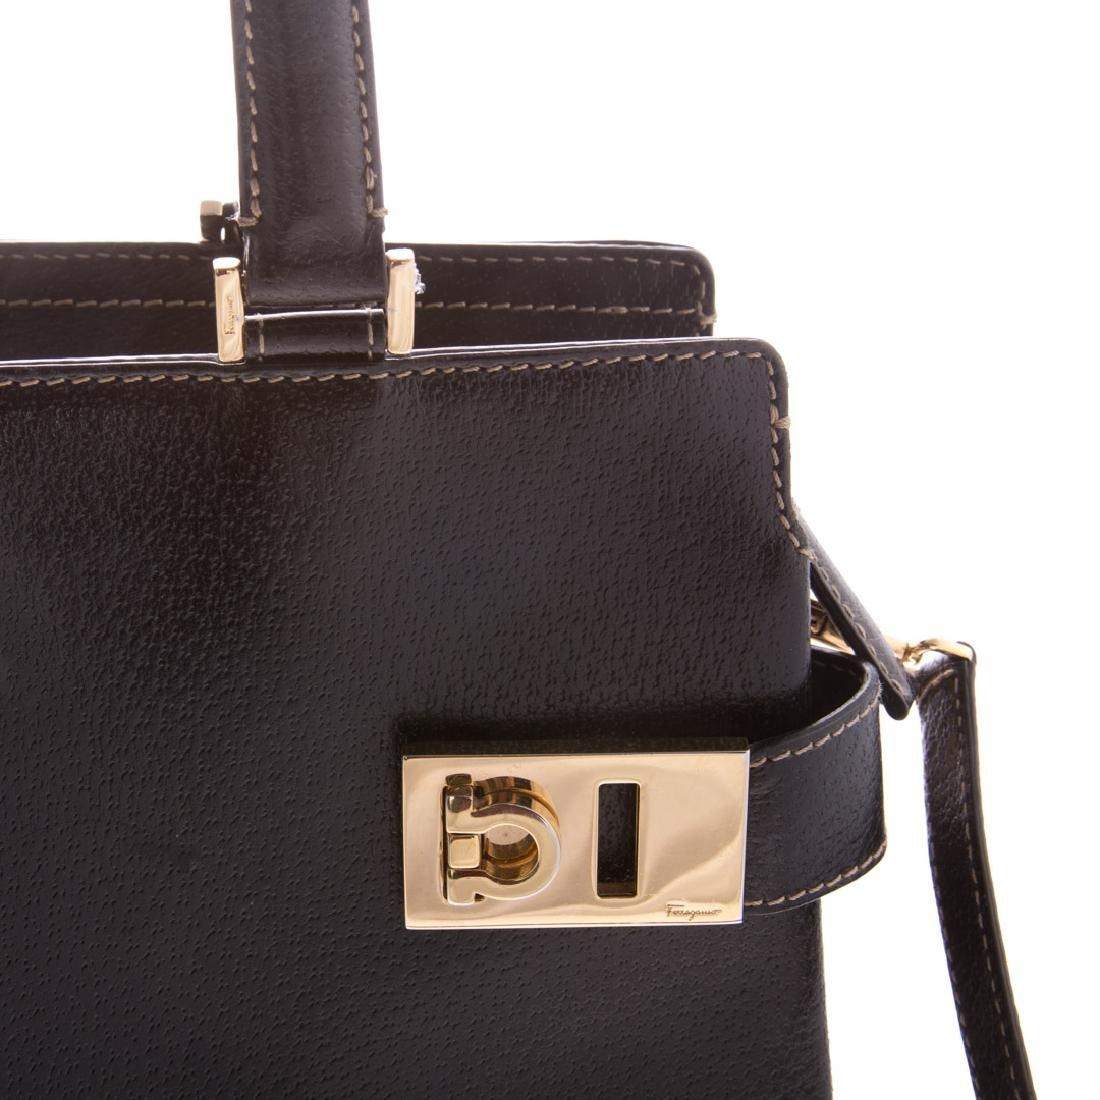 A Salvatore Ferragamo Gancini Handbag - 6